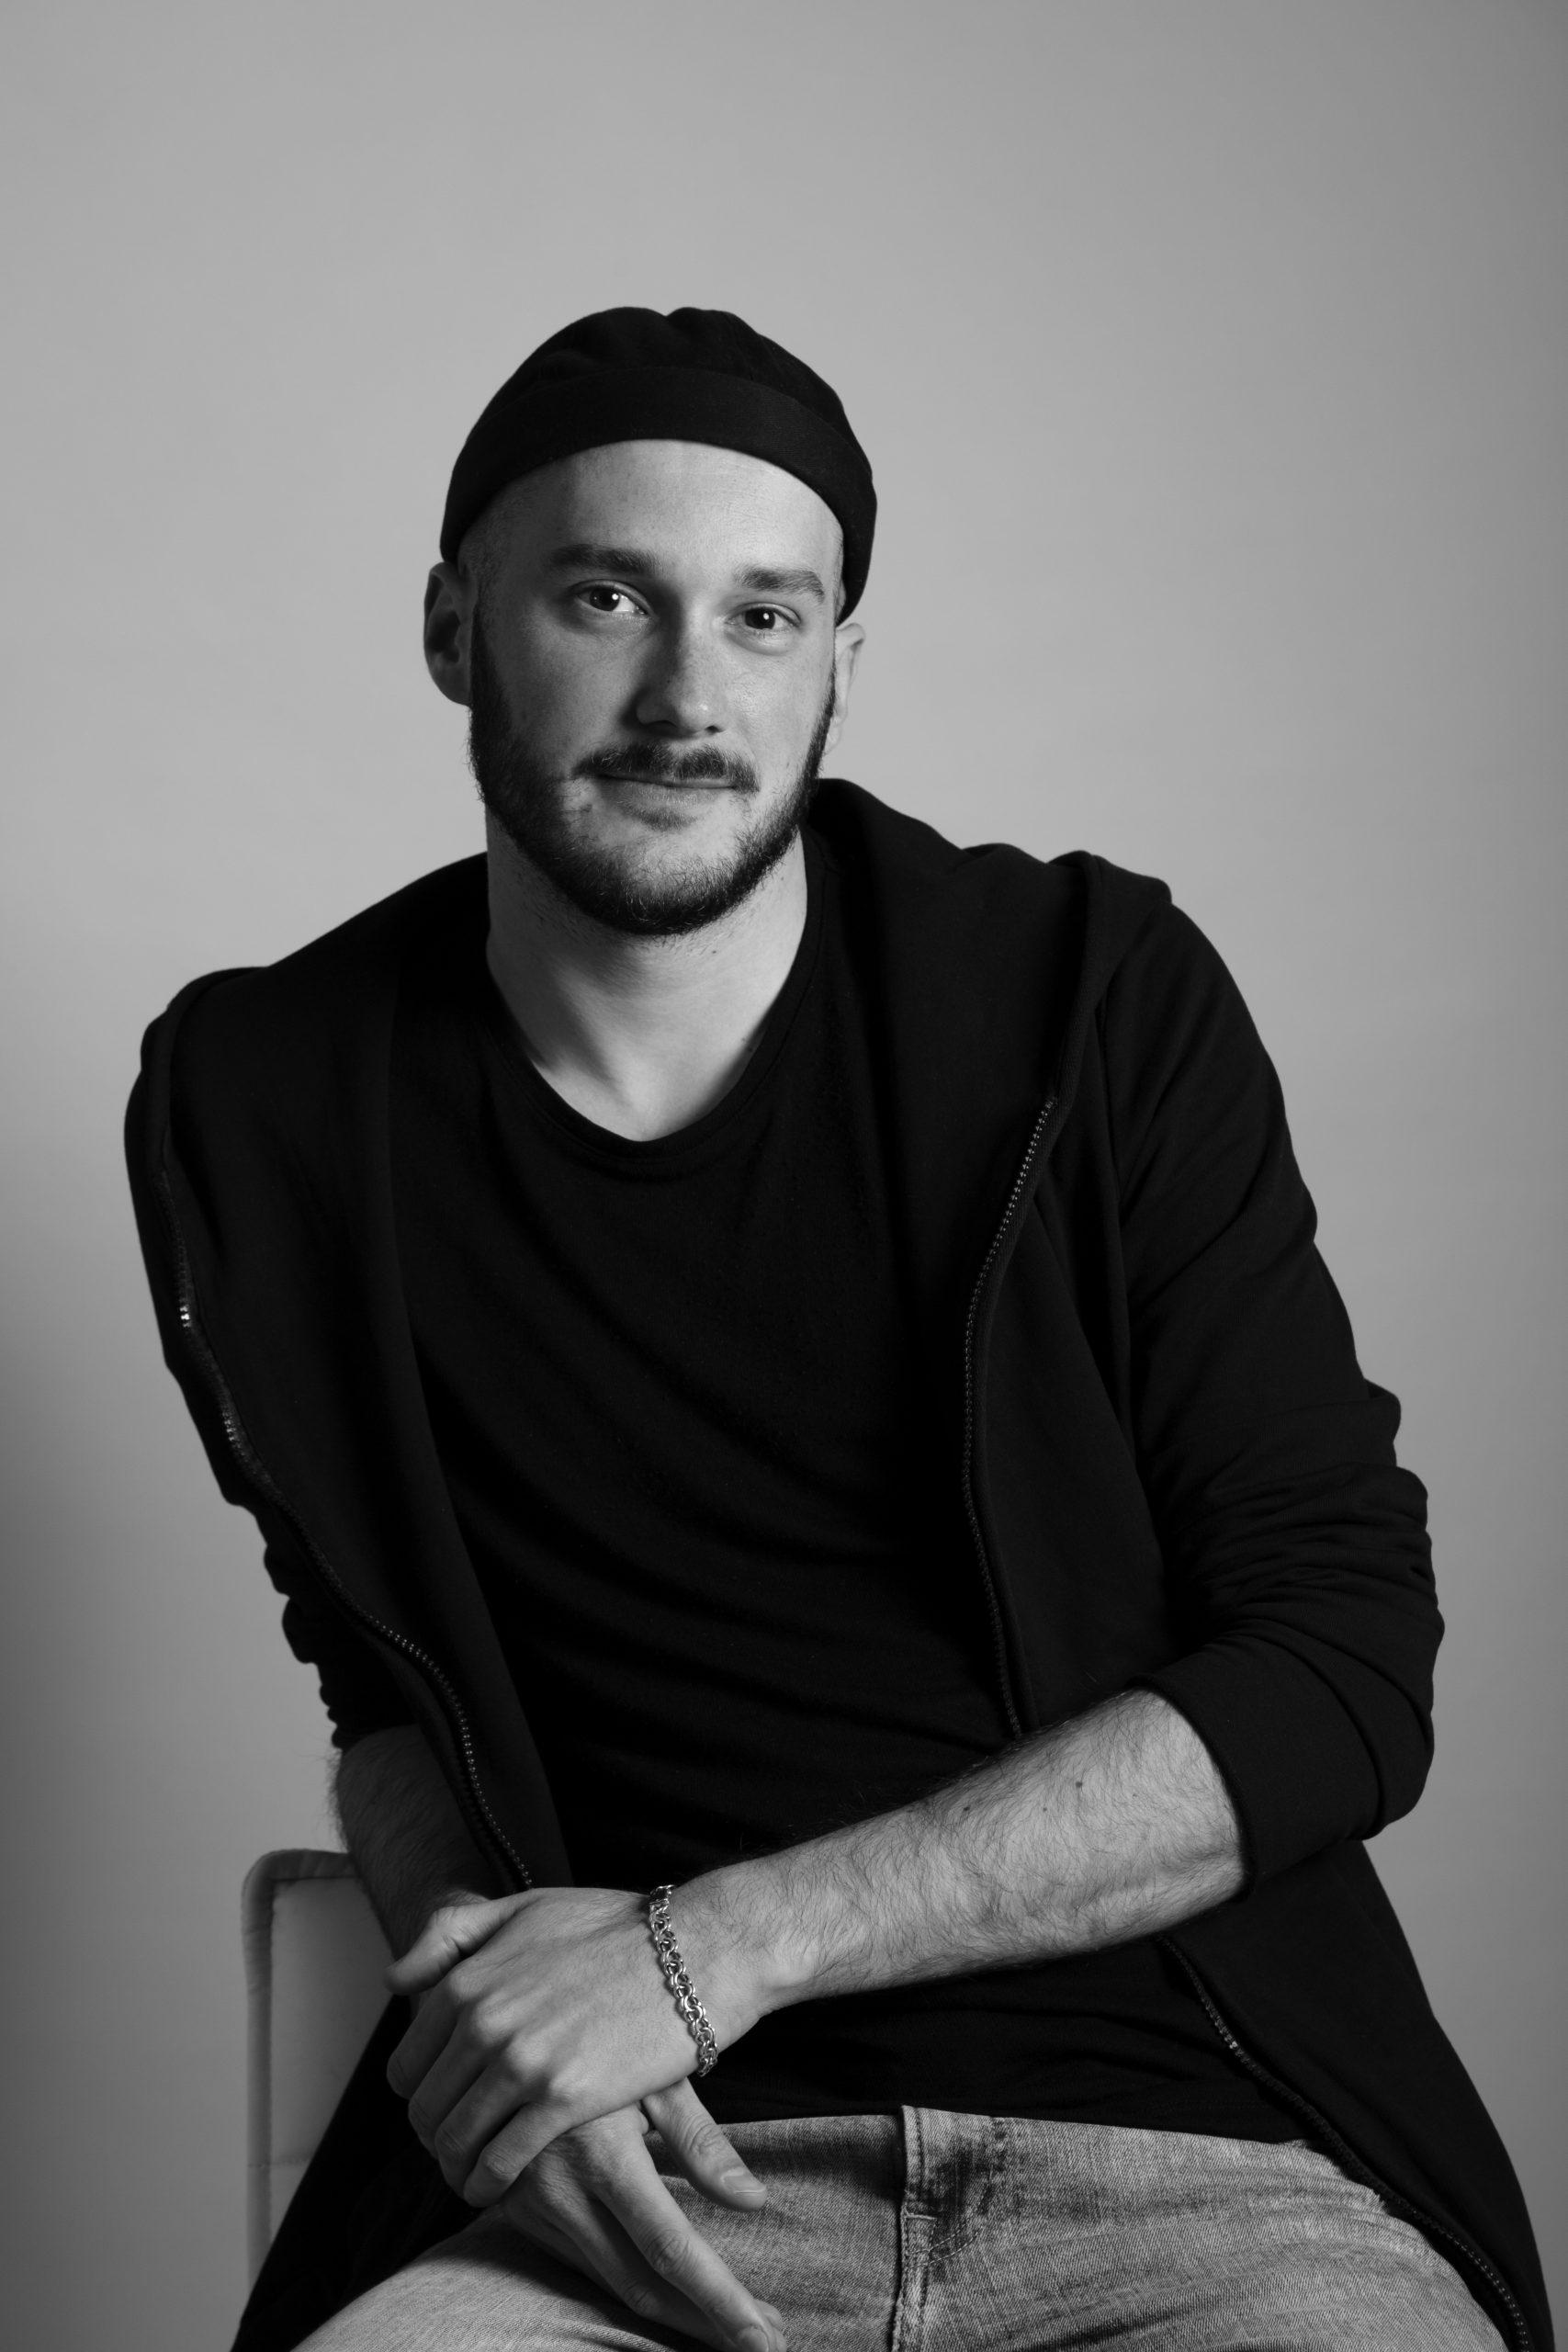 Aleksandar Ćulibrk